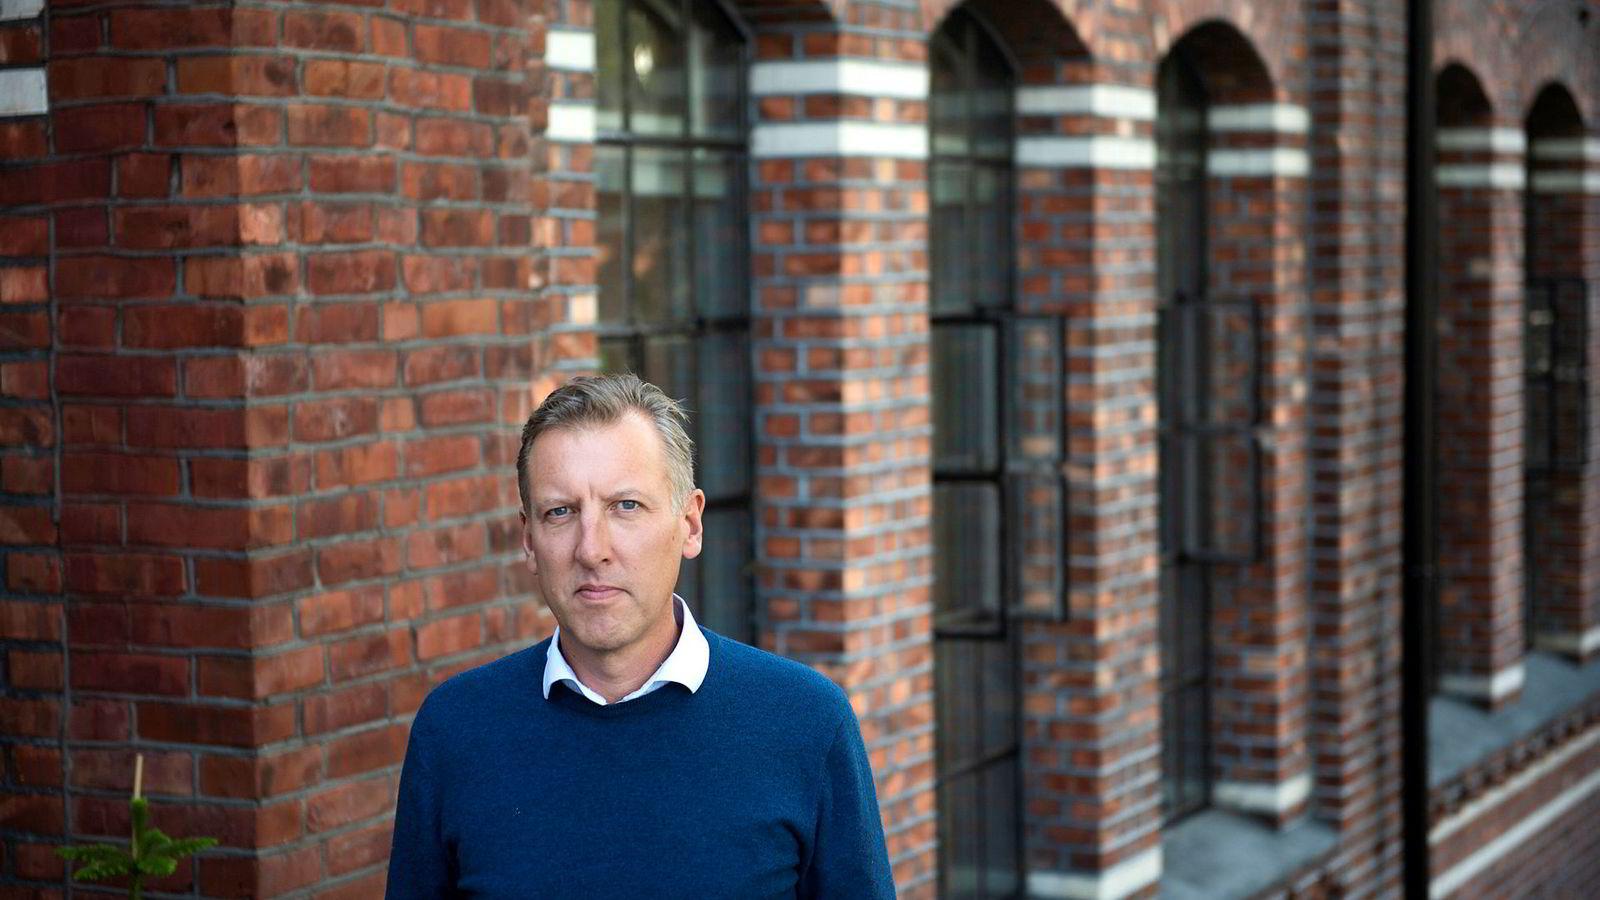 Andreas Mollatt, daglig leder i helseteknologiselskapet Otivio, er blant dem som frykter et krav om tilbakebetaling av Skattefunn-støtte etter regelforvirring hos norske myndigheter.